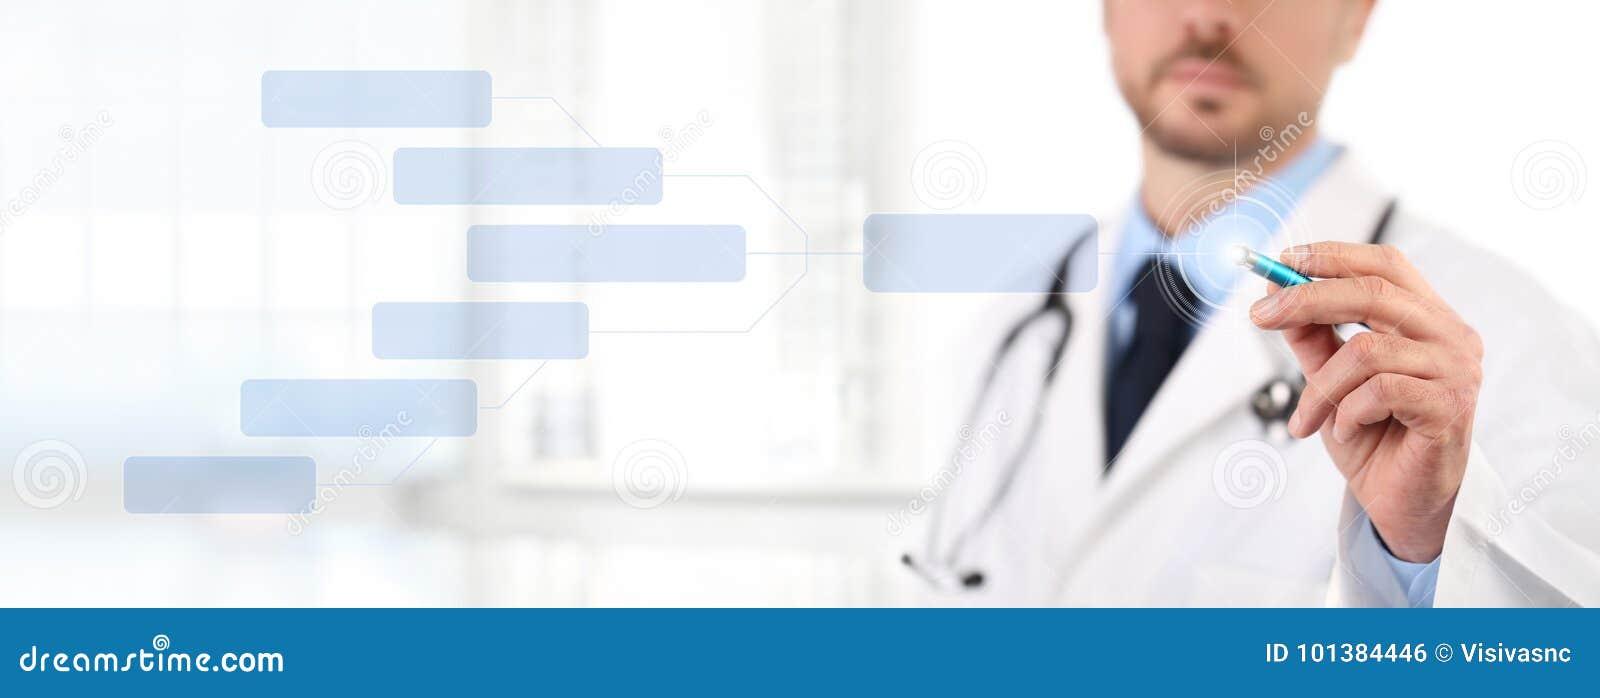 Cuide la pantalla táctil con un concepto médico de la salud de la pluma